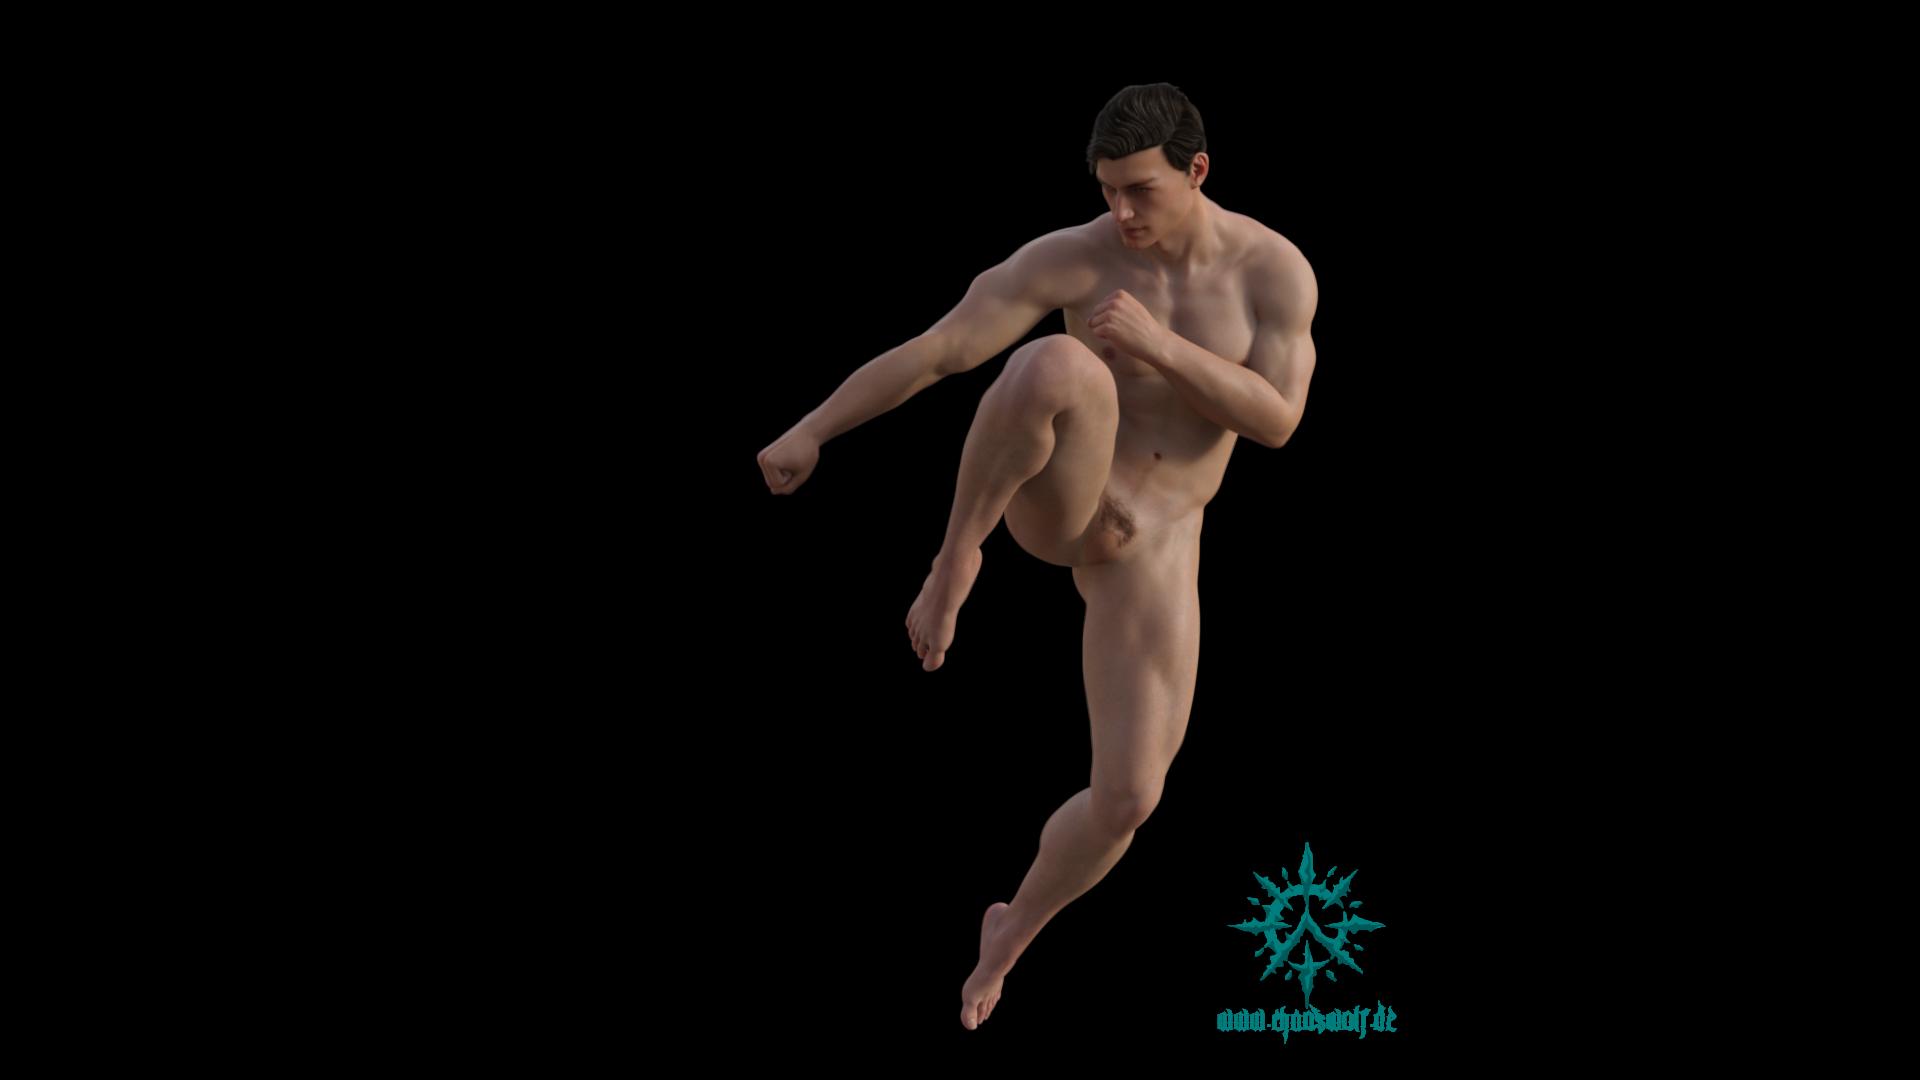 Erwachsener Mann muskulös springend